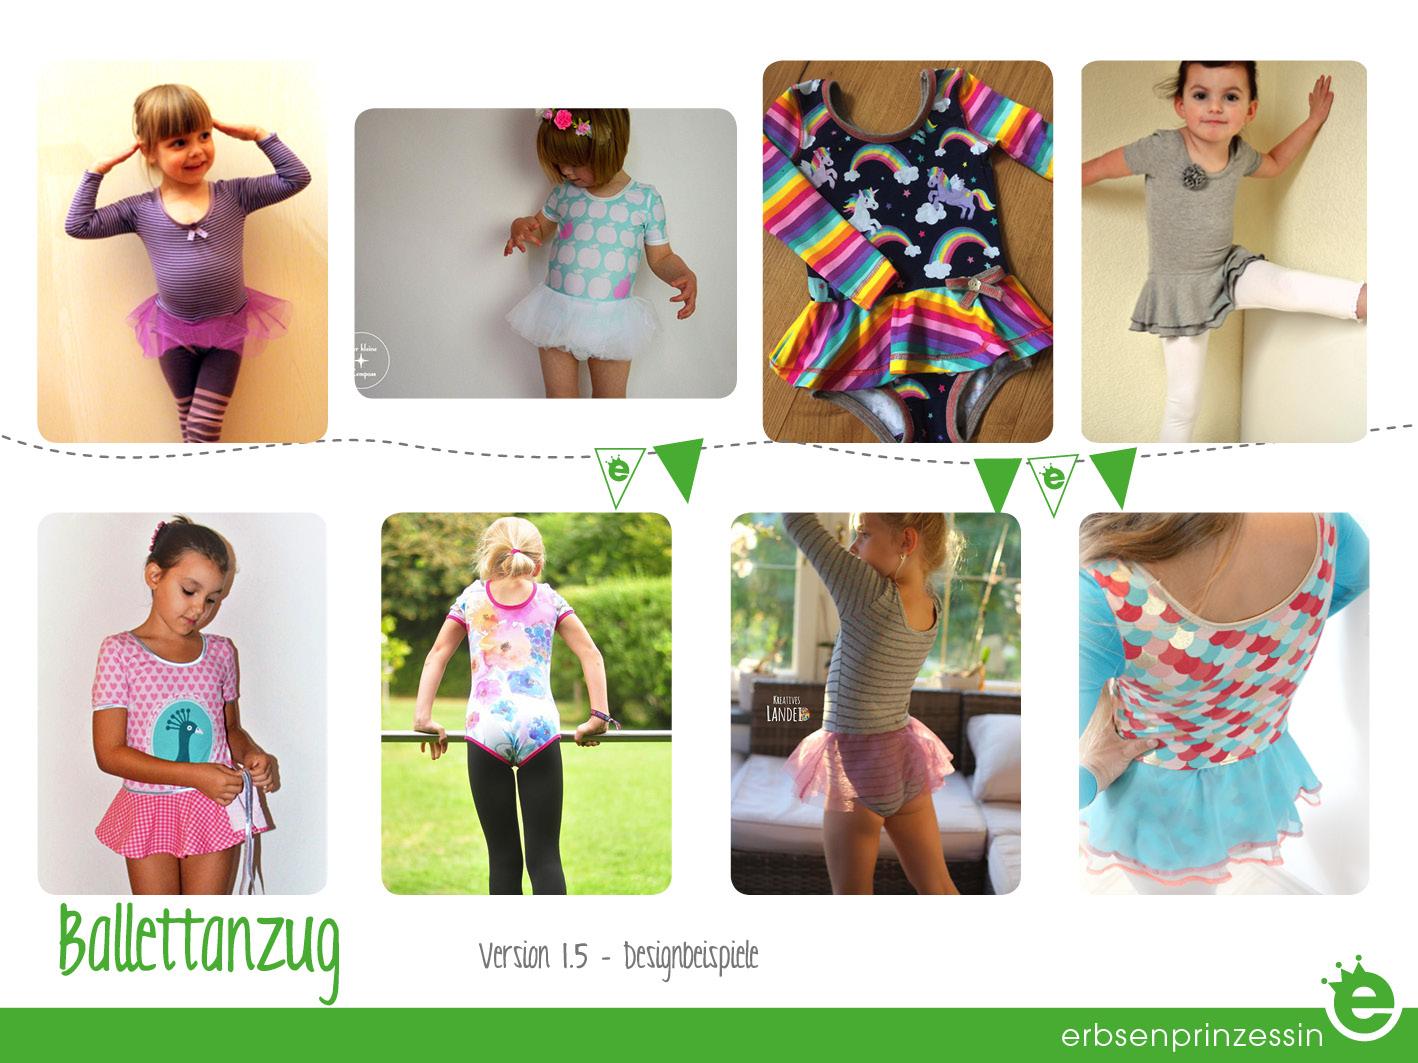 Designbeispiele: Ballettanzug für Mädchen nähen, Designbeispiele